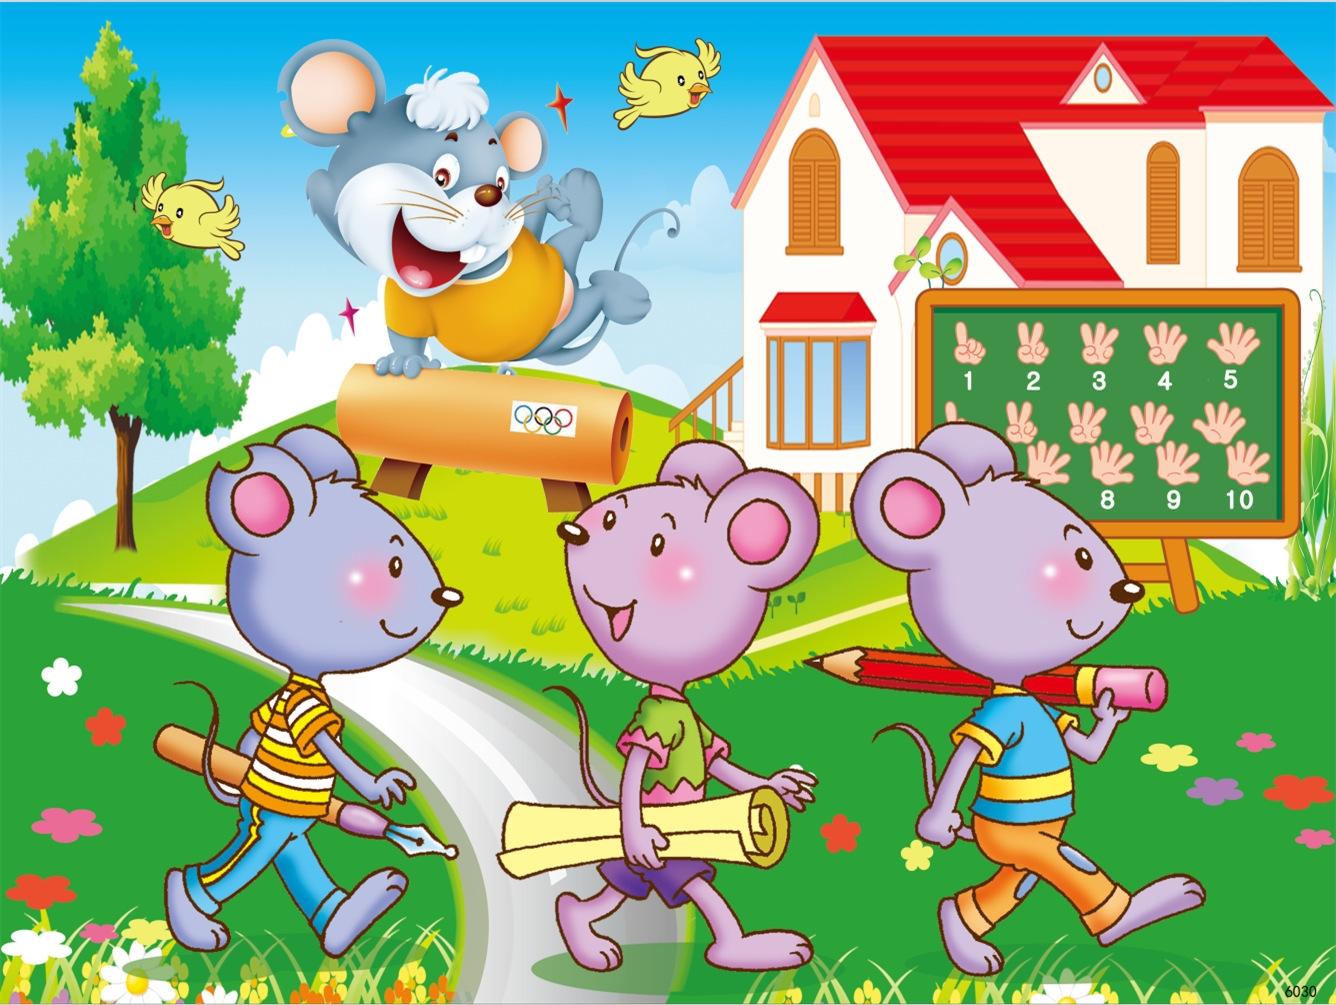 是否有动漫形象:否 玩具类别:木质玩具 颜色:老鼠上学,动物聚会,小黄